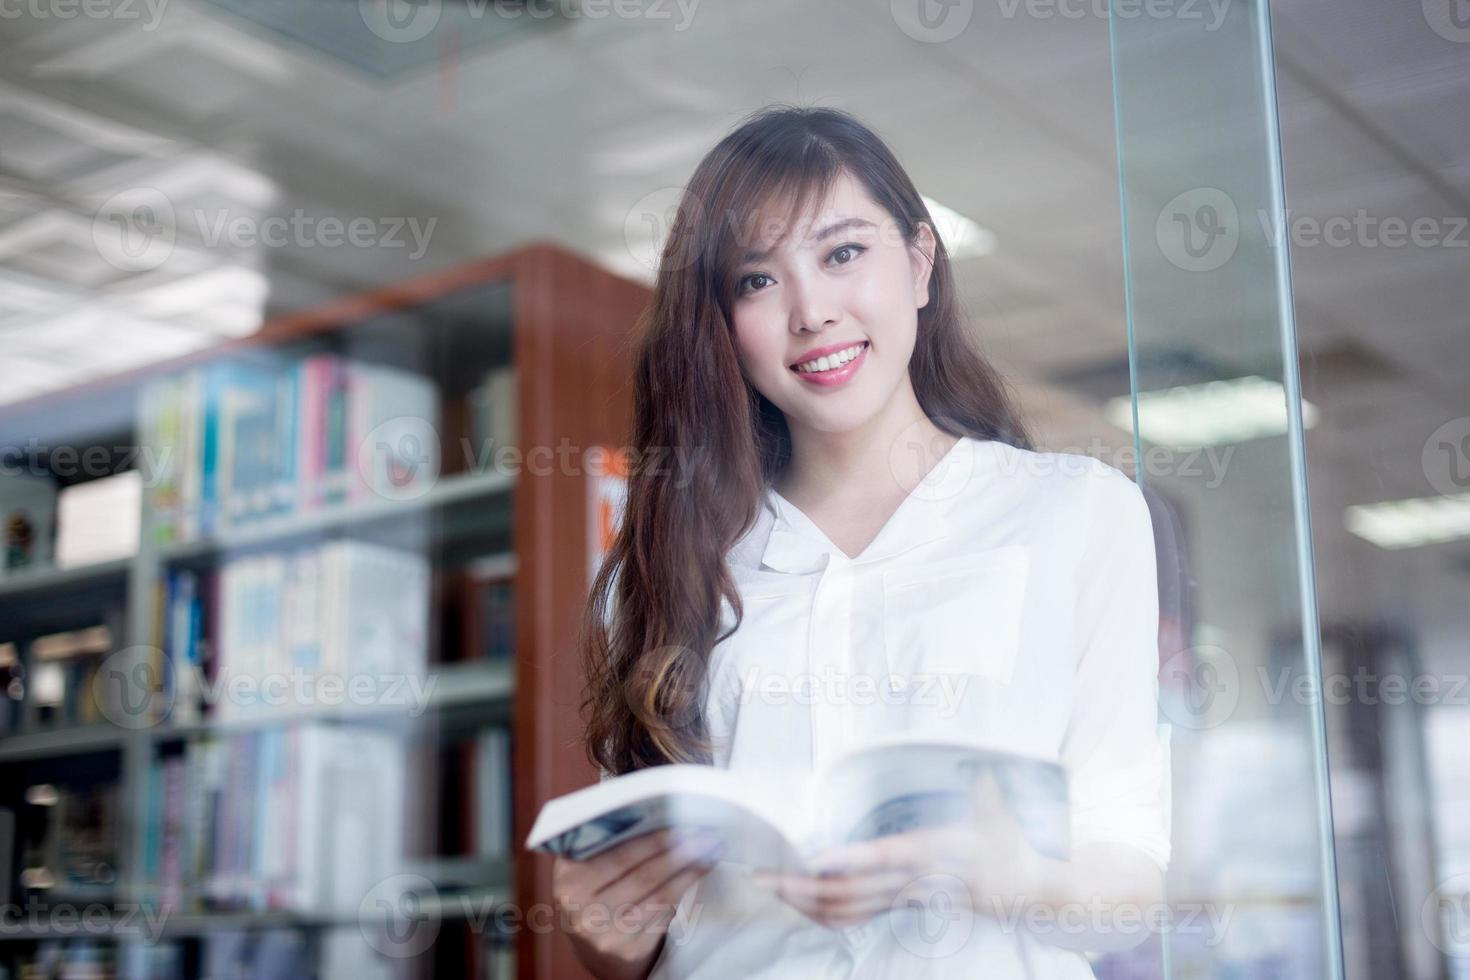 Aziatische mooie vrouwelijke student met boek in bibliotheek portret foto